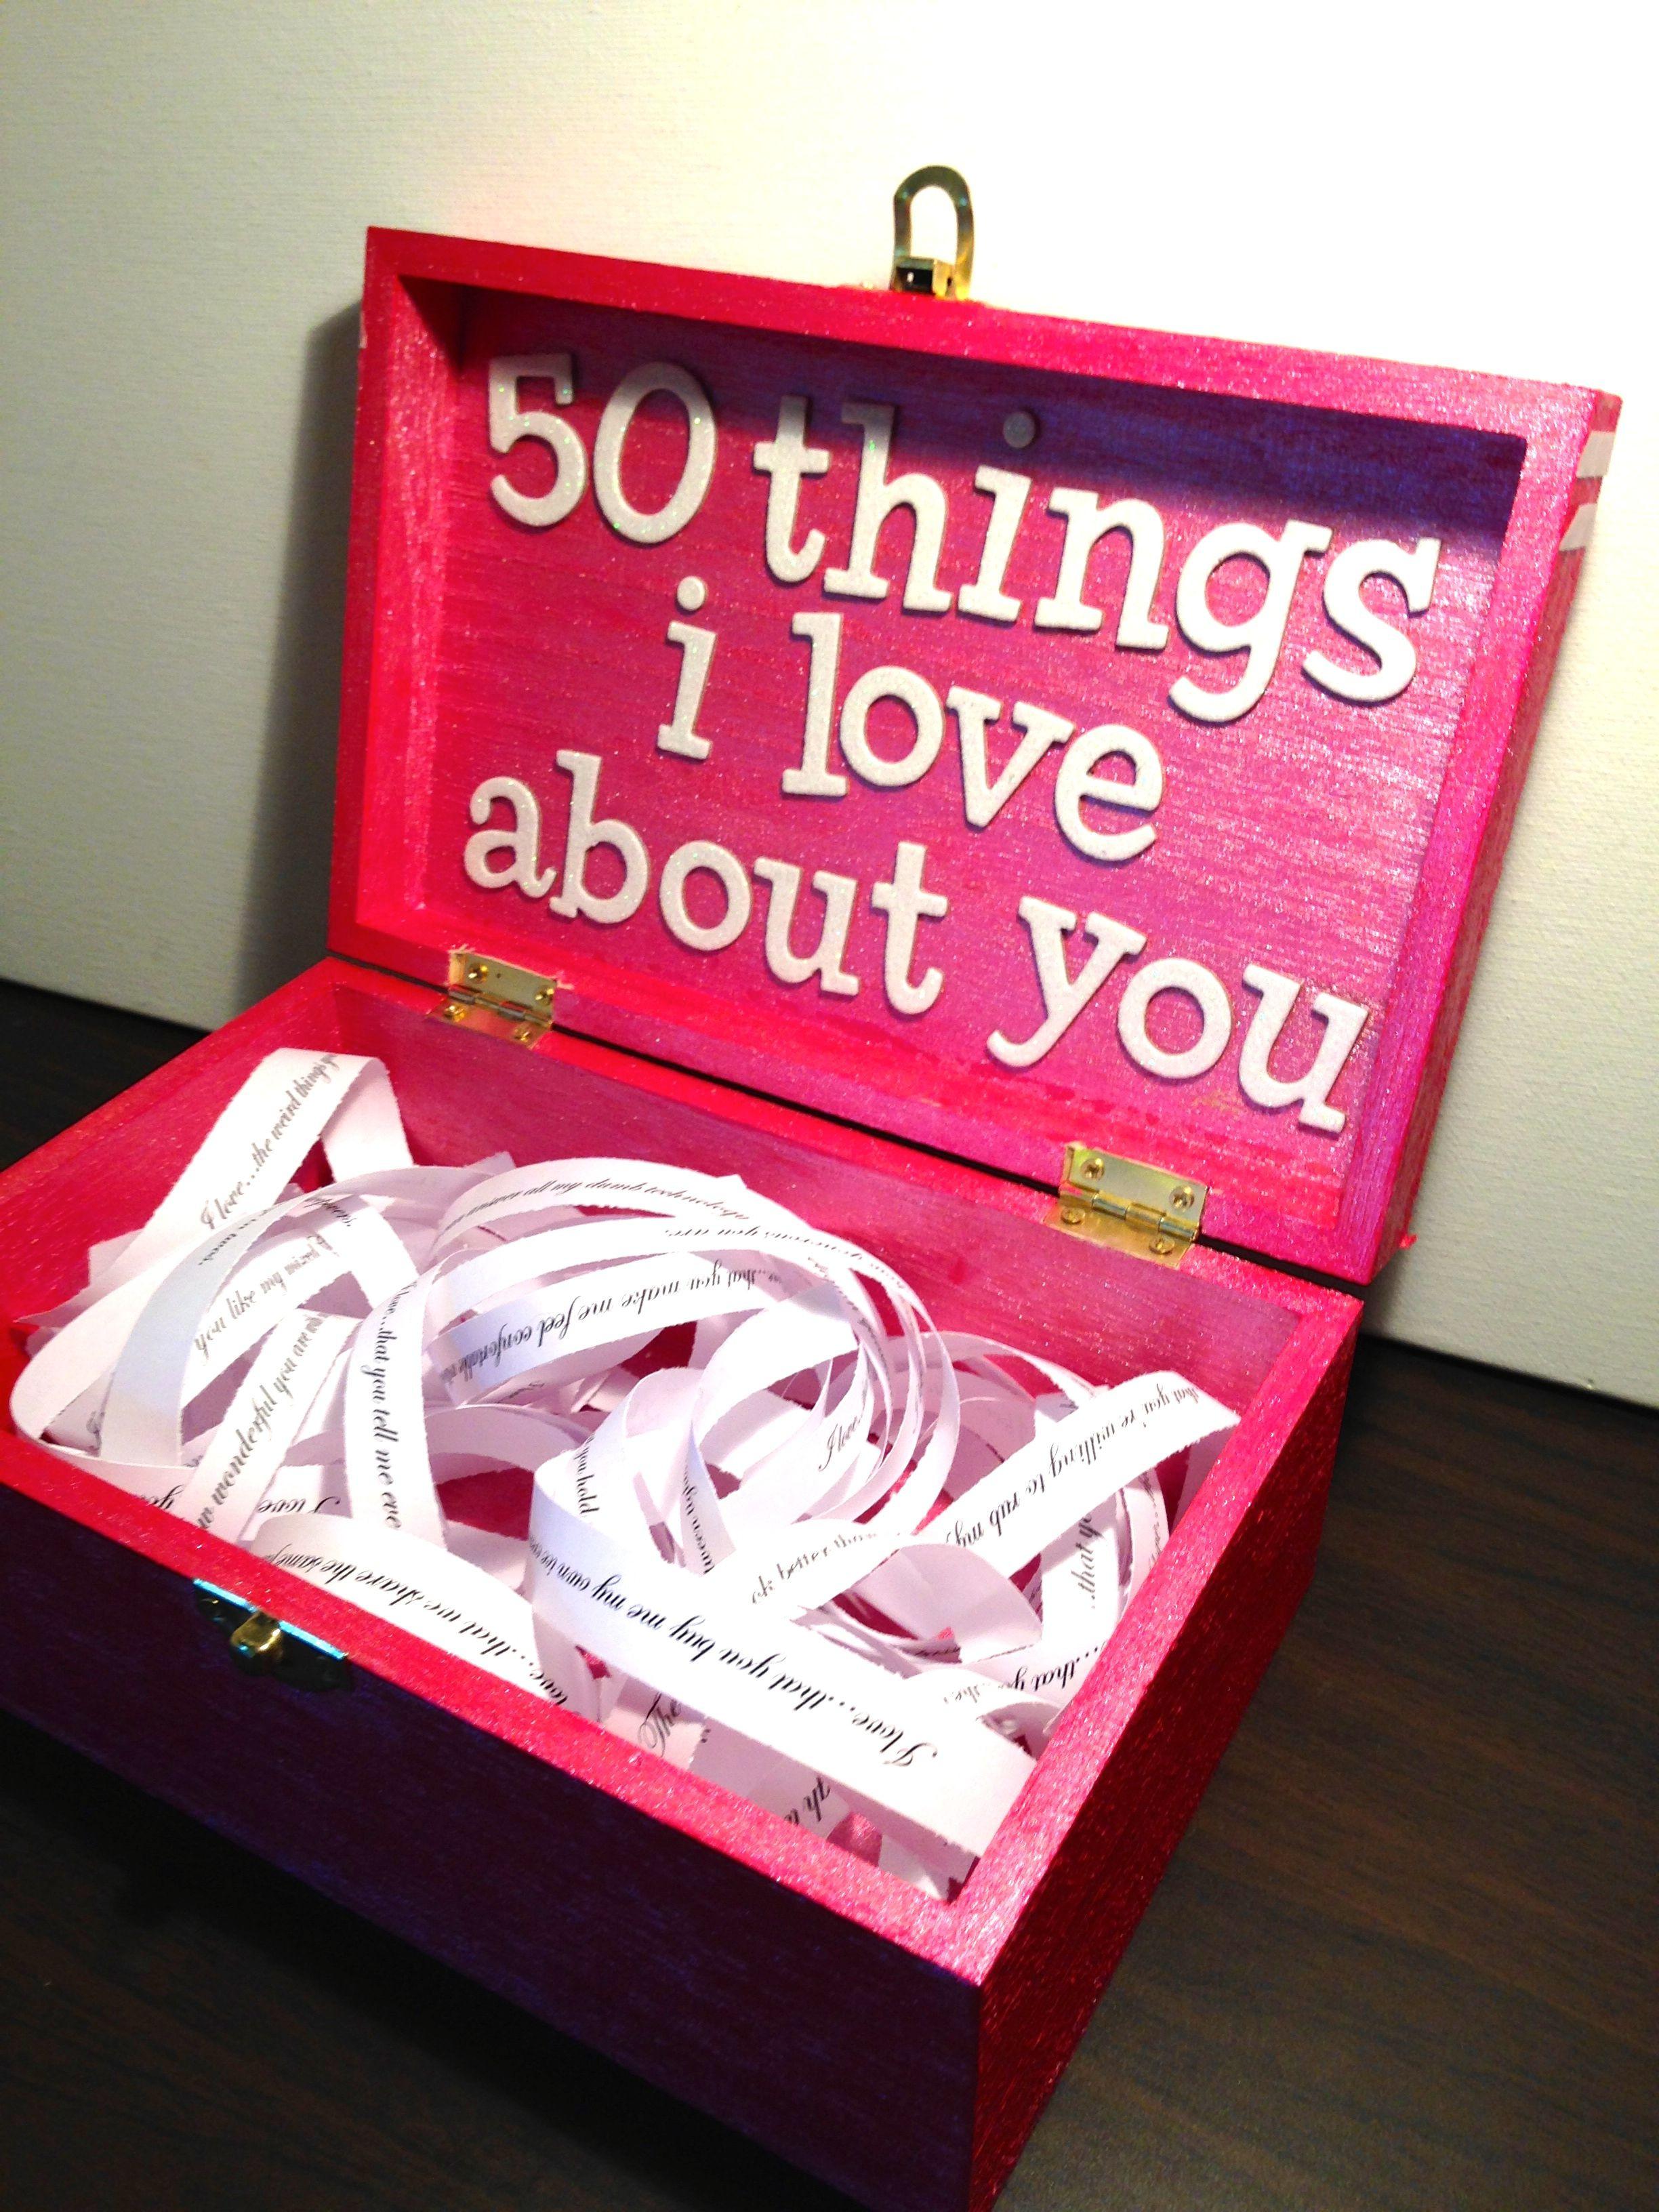 Cute Gift Ideas For Your Girlfriend  Boyfriend Girlfriend t ideas for birthday valentine